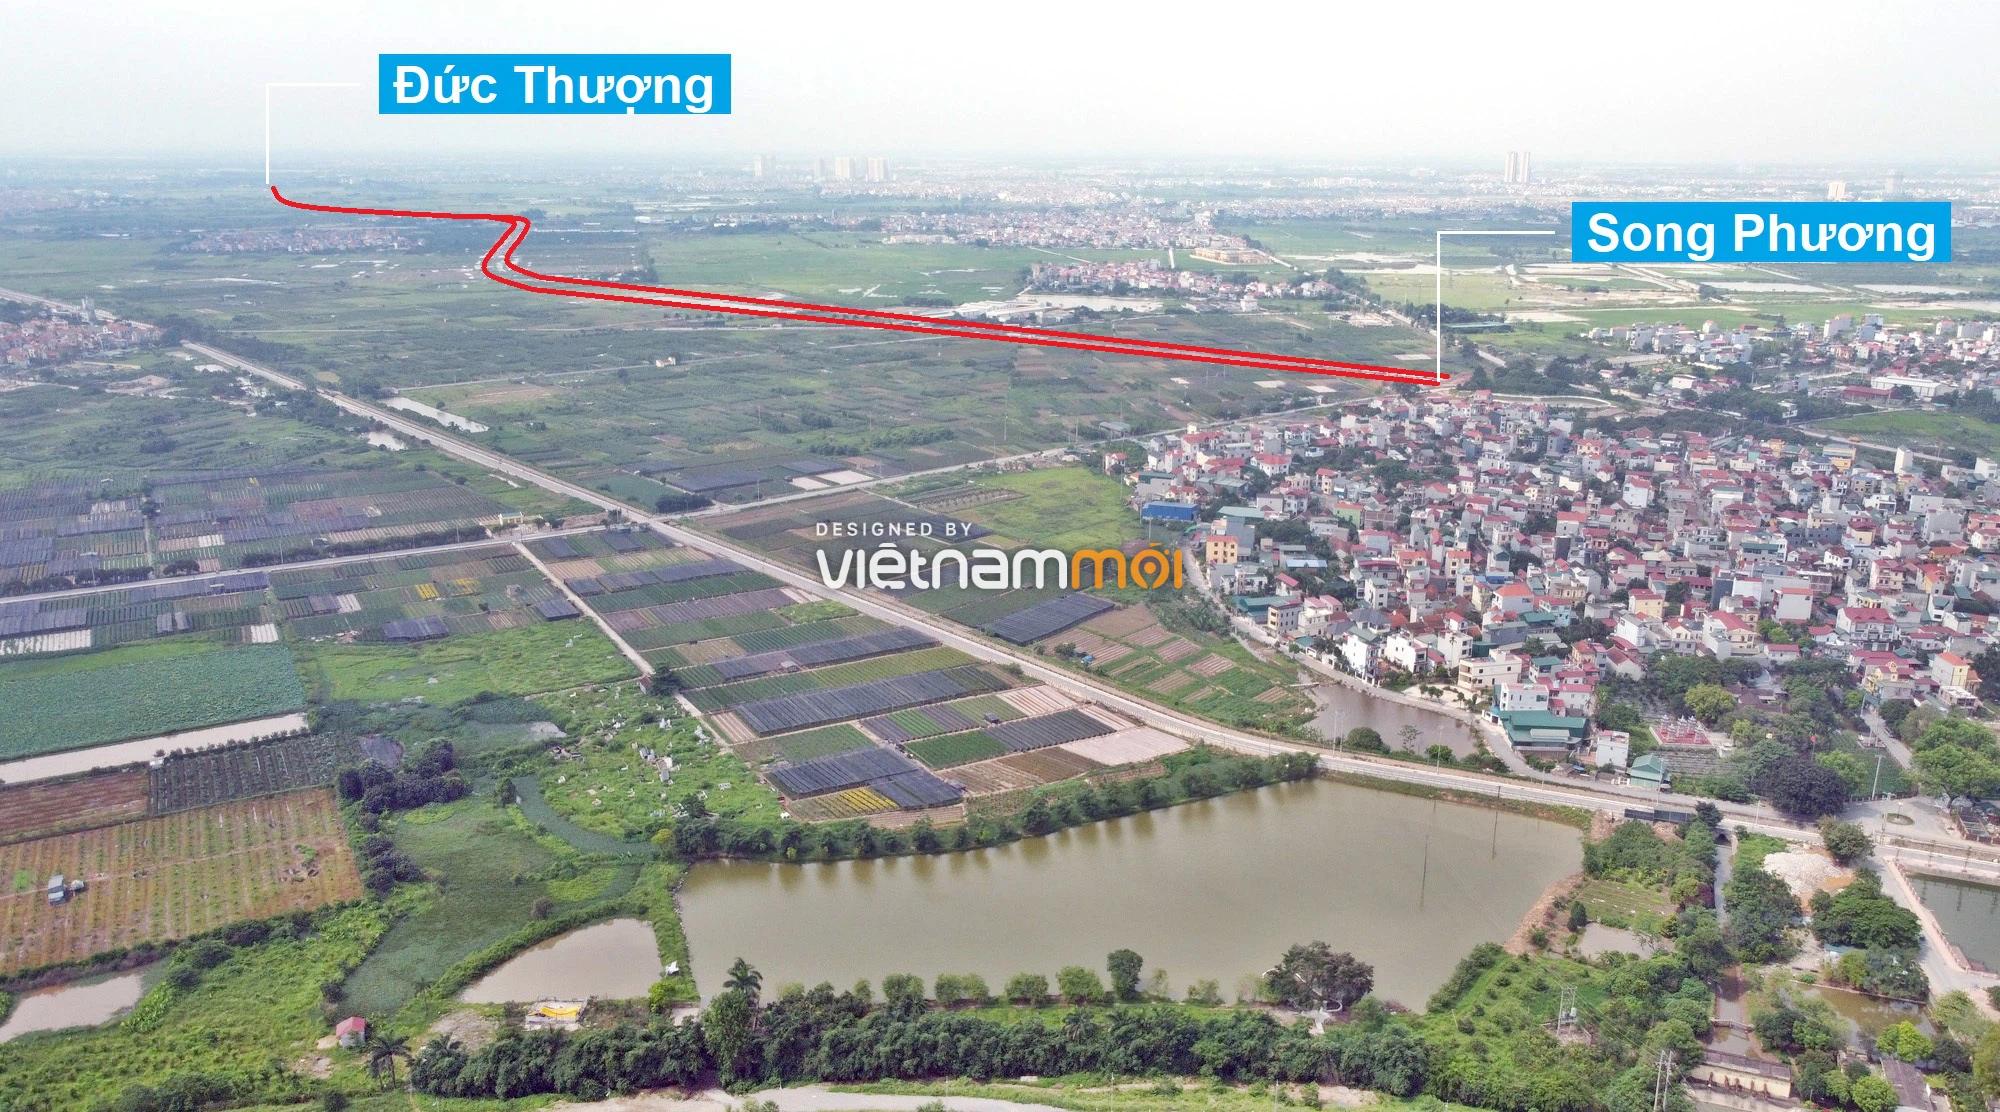 Toàn cảnh đường Liên khu vực 1 từ Đức Thượng đến Song Phương đang mở theo quy hoạch ở Hà Nội - Ảnh 16.